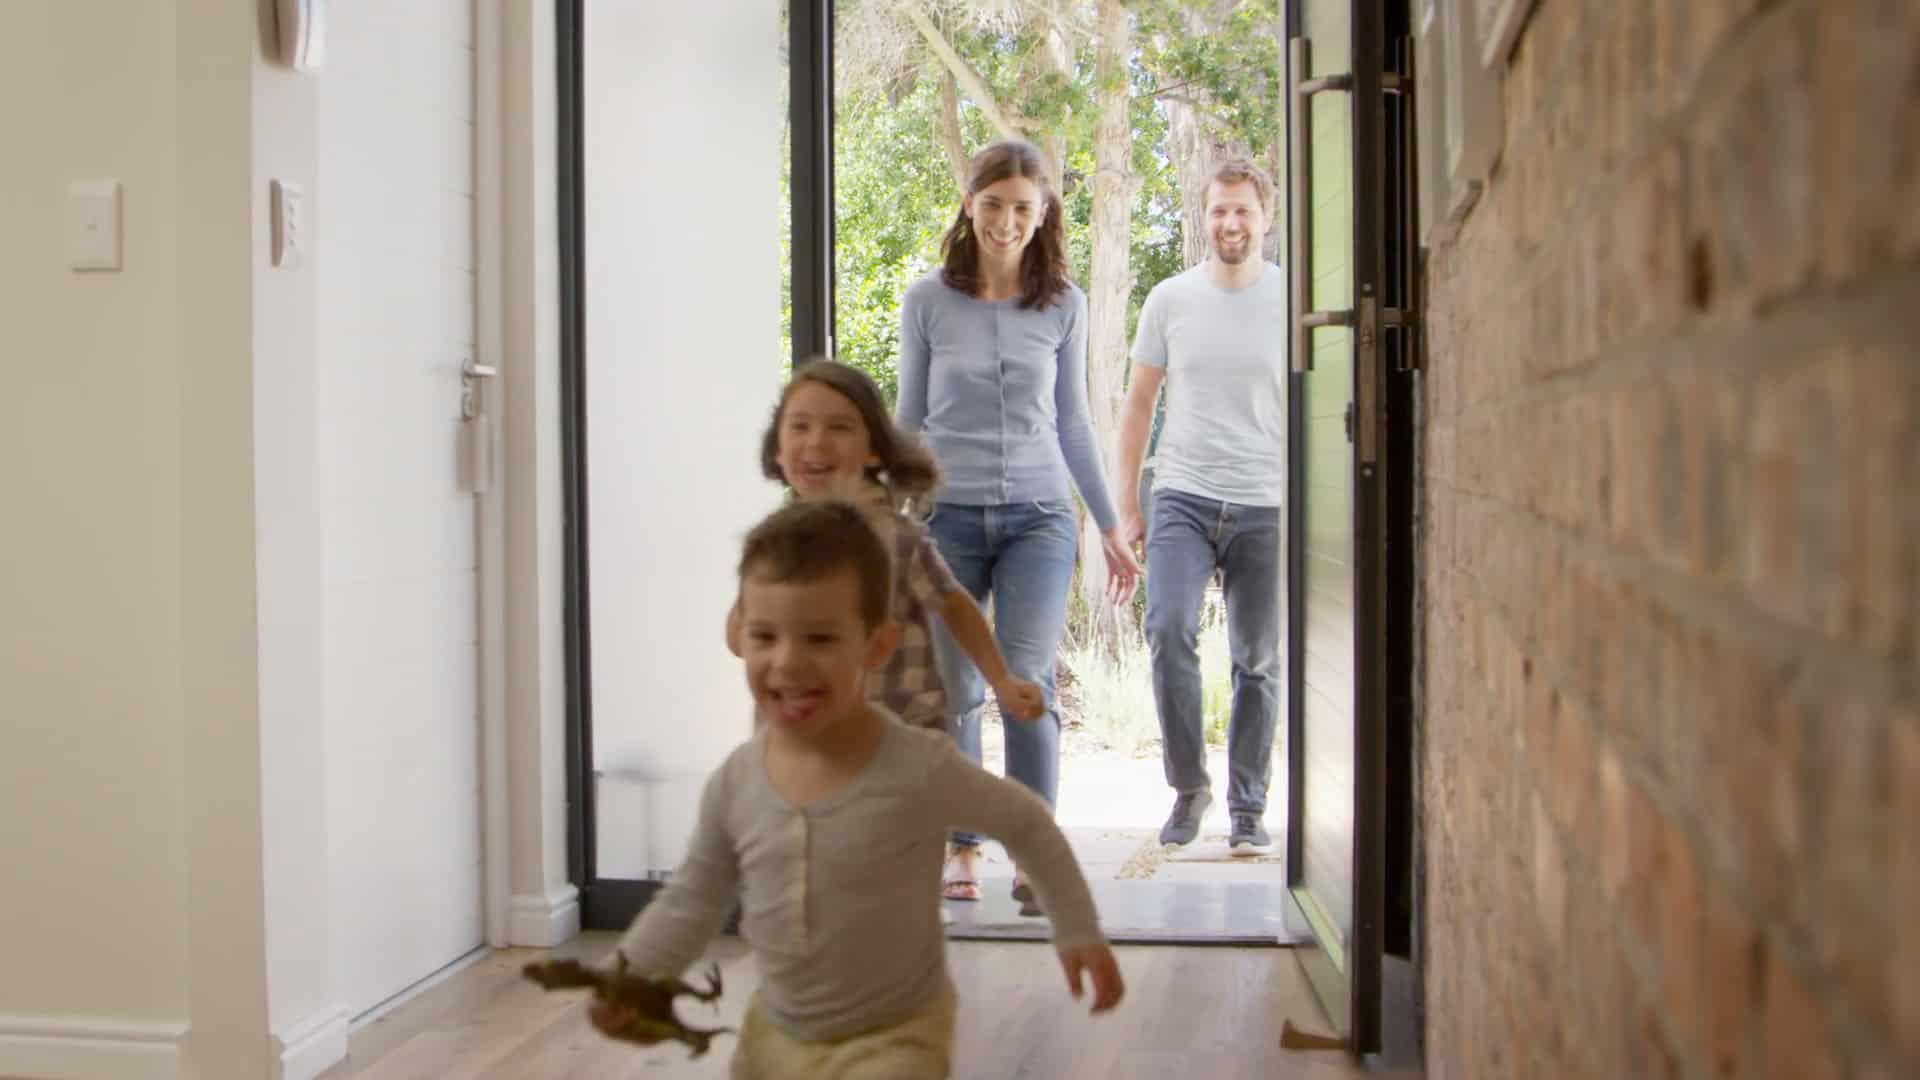 Family Returning Home